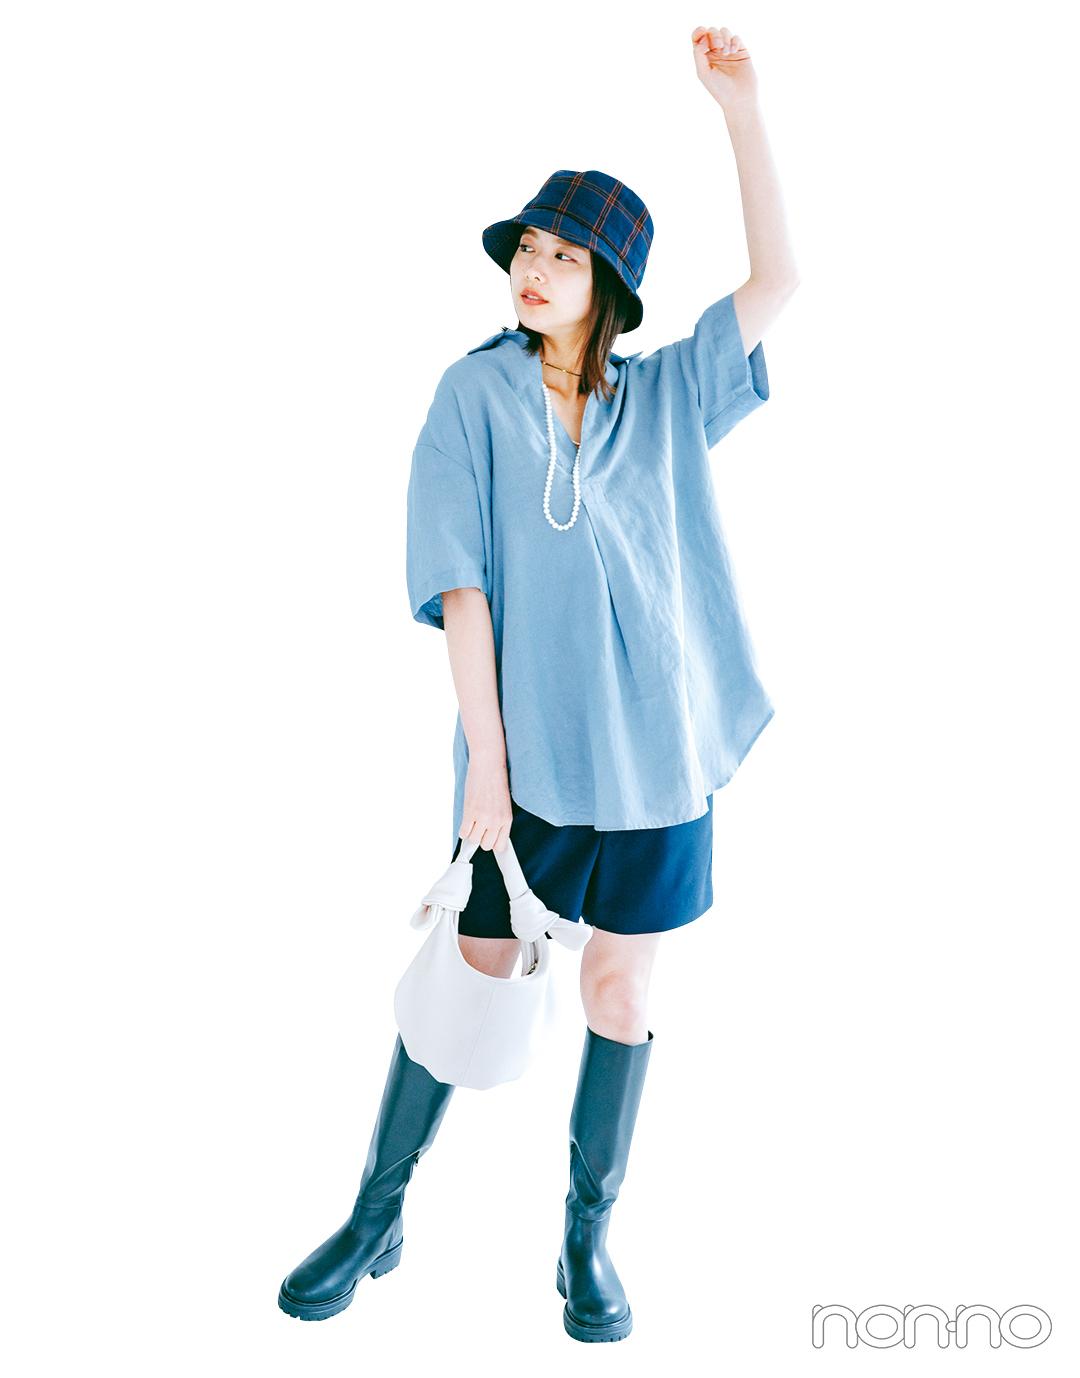 渡邉理佐の盛れトップス(デコルテ魅せシャツ)のカット2